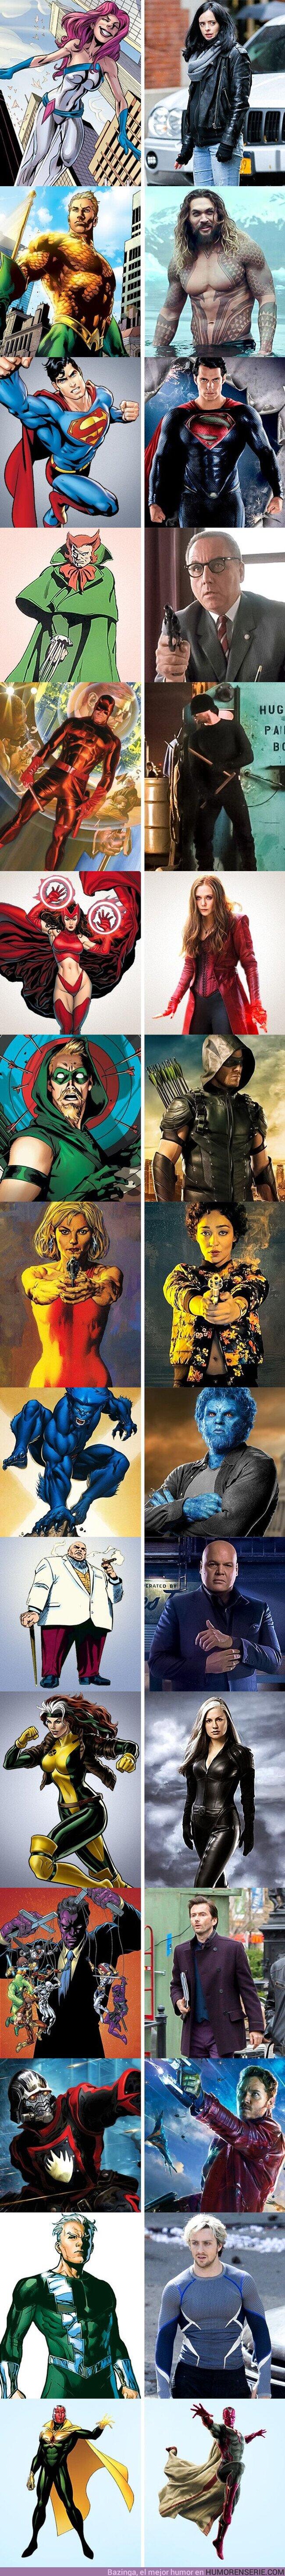 57417 - GALERÍA: Cómo deberían lucir los héroes icónicos de DC y Marvel según los cómics